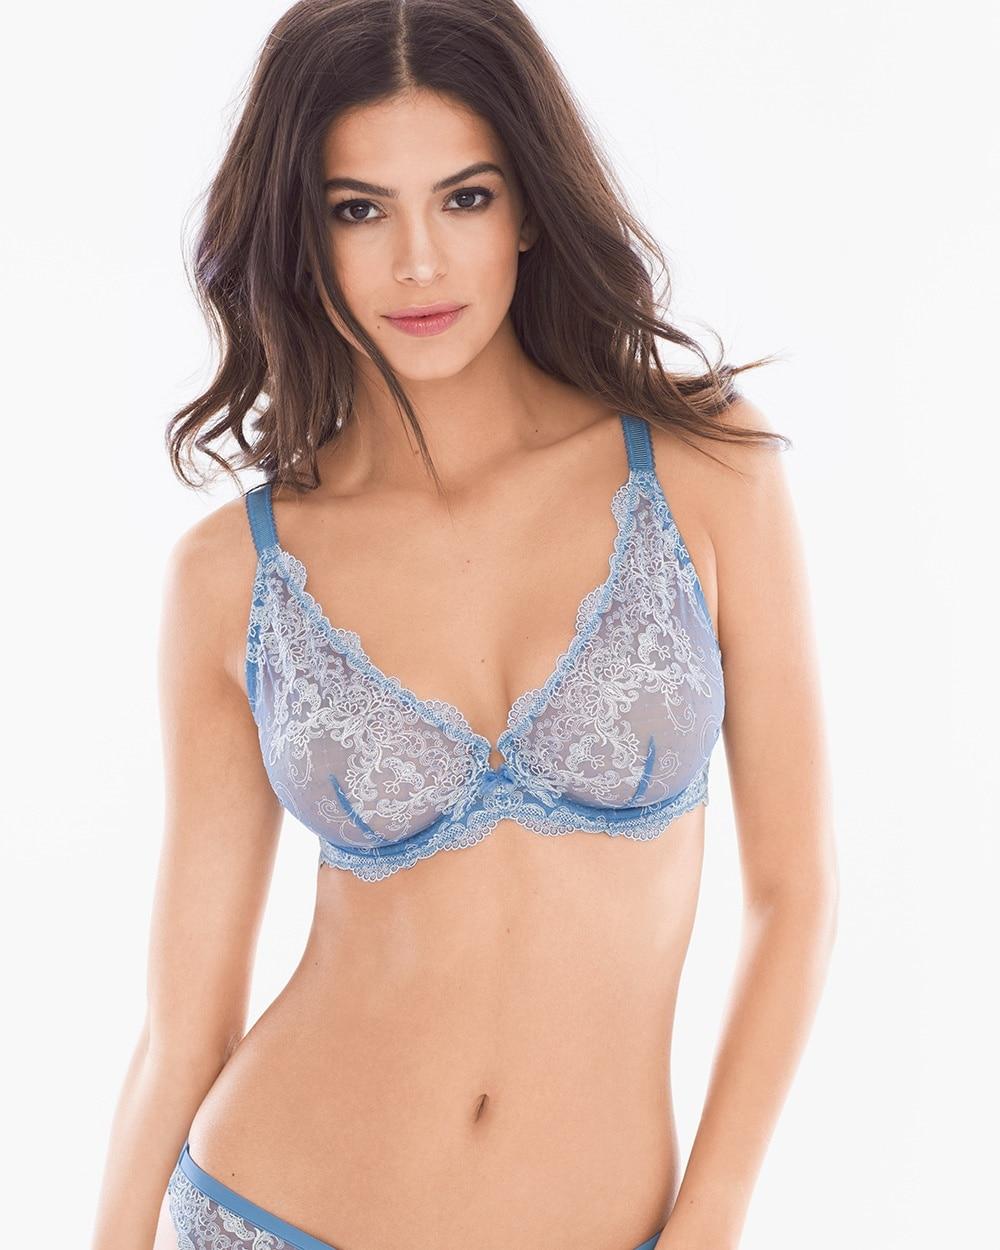 Nude awakening bras and lace